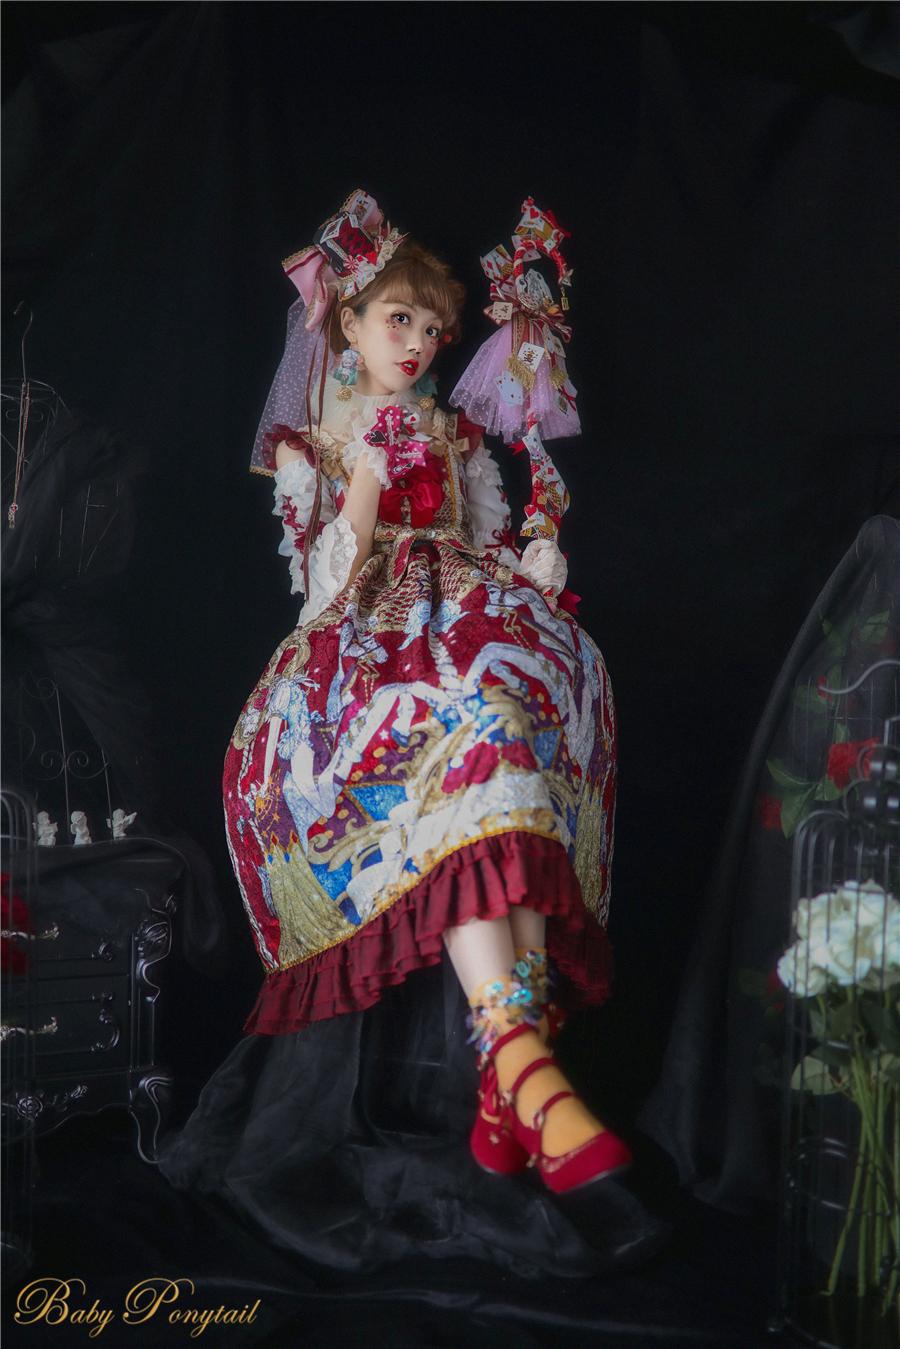 Baby Ponytail_Circus Princess_Red JSK_Kaka_08.jpg